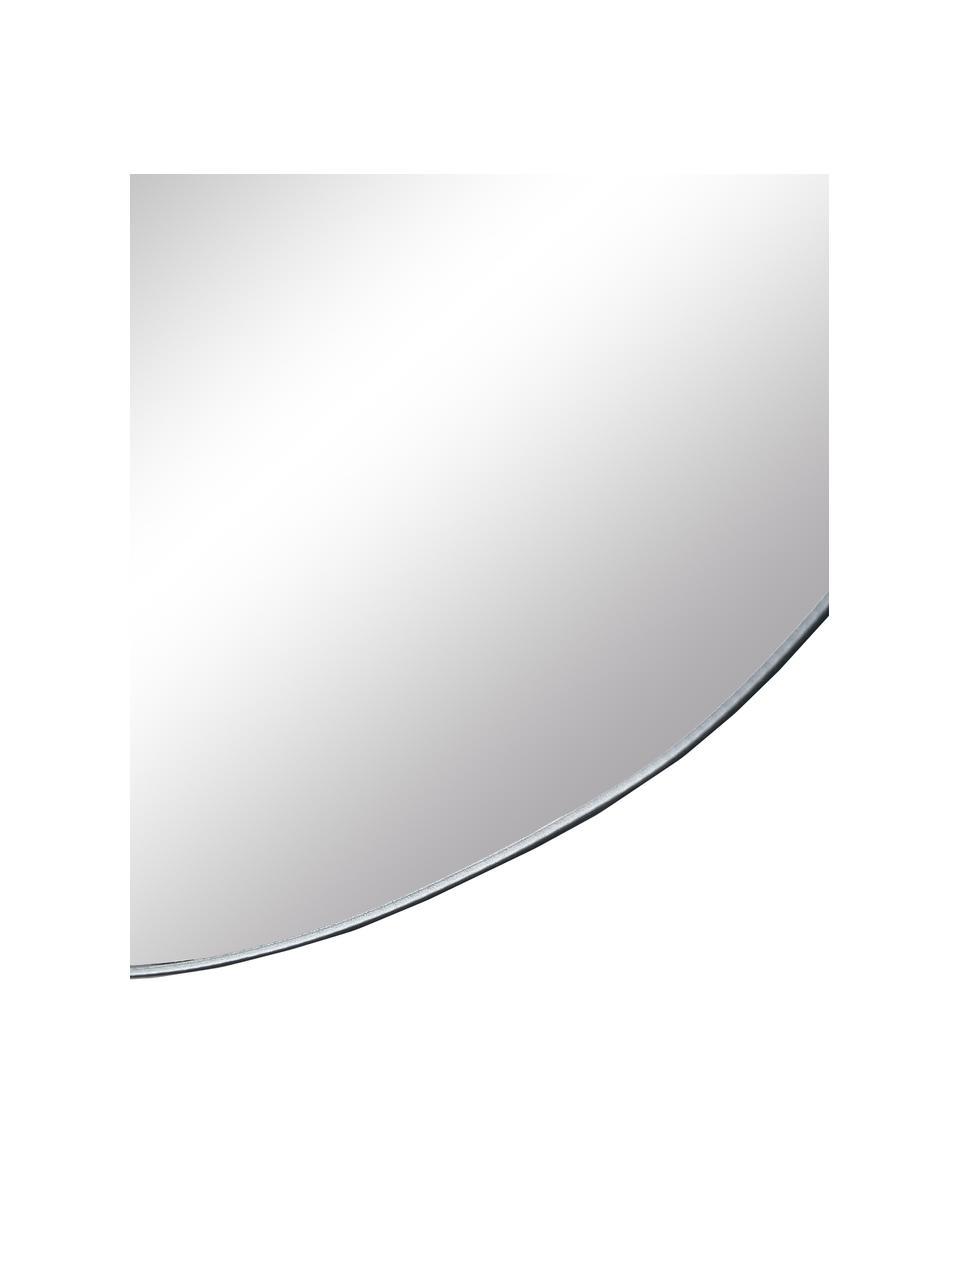 Rahmenloser Wandspiegel Lake, Spiegelfläche: Spiegelglas, Rückseite: Mitteldichte Holzfaserpla, Silber, 50 x 50 cm